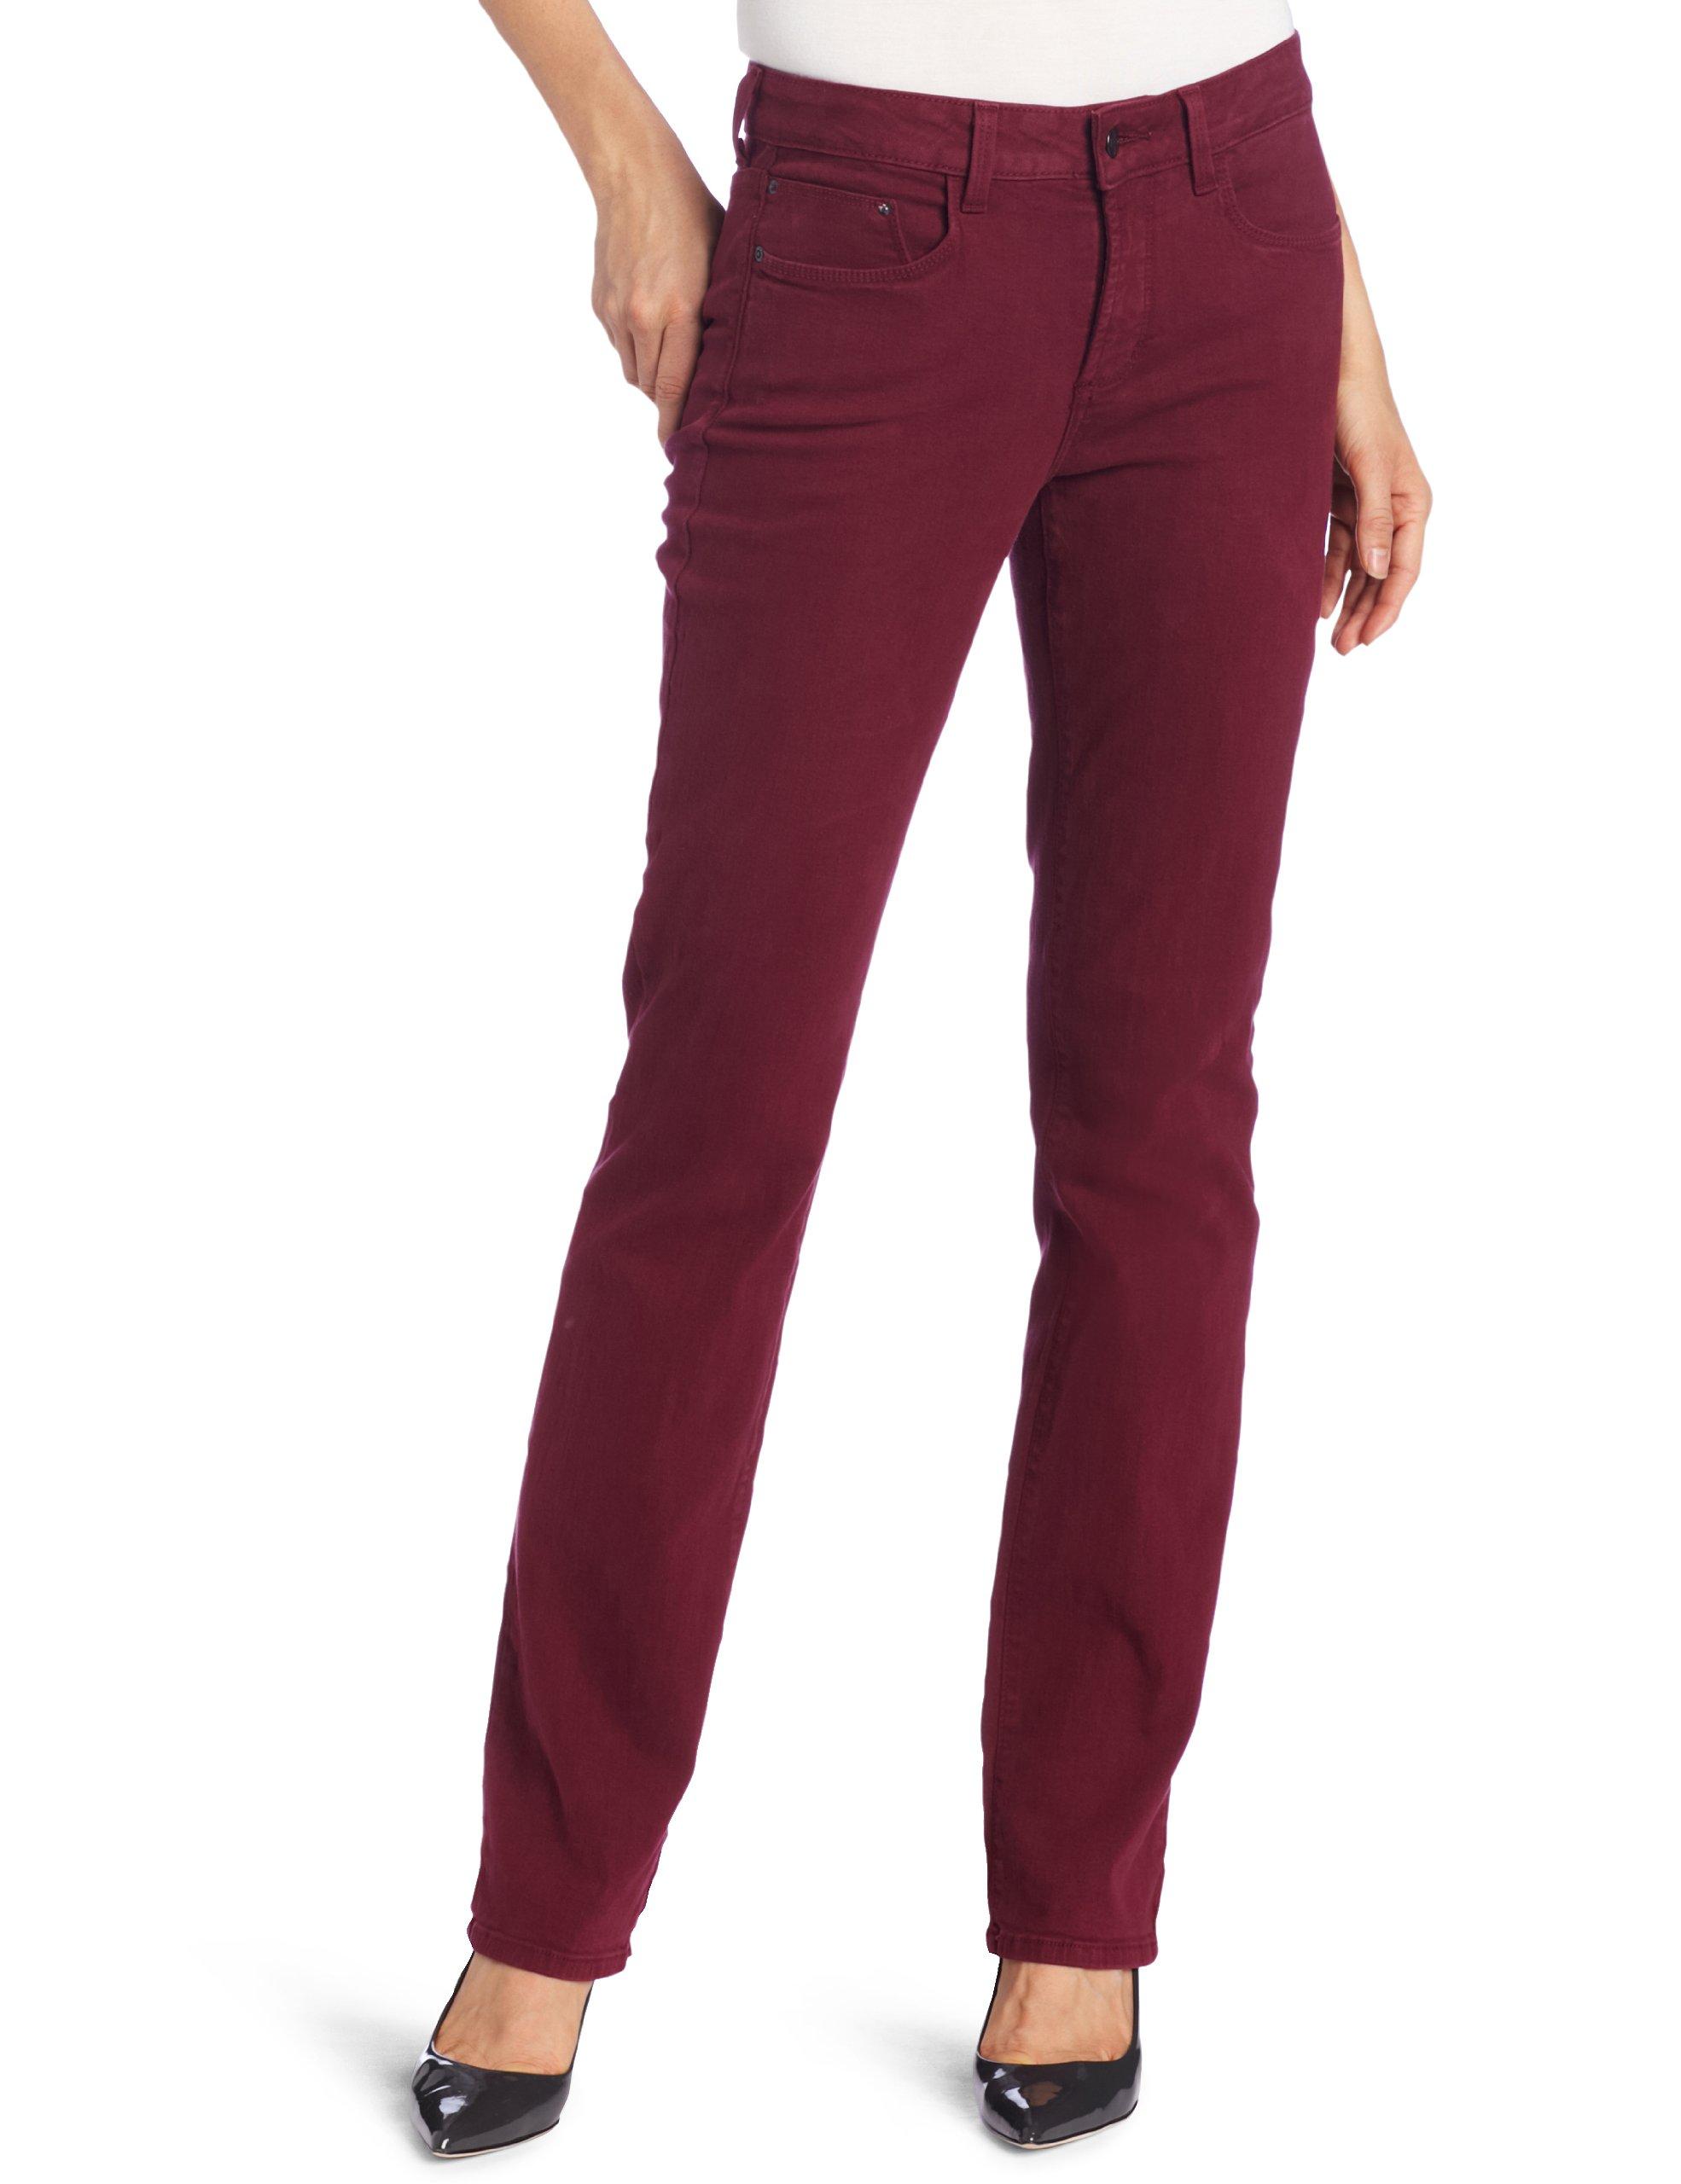 NYDJ Women's Petite Marilyn Straight Jeans, Azalea, P